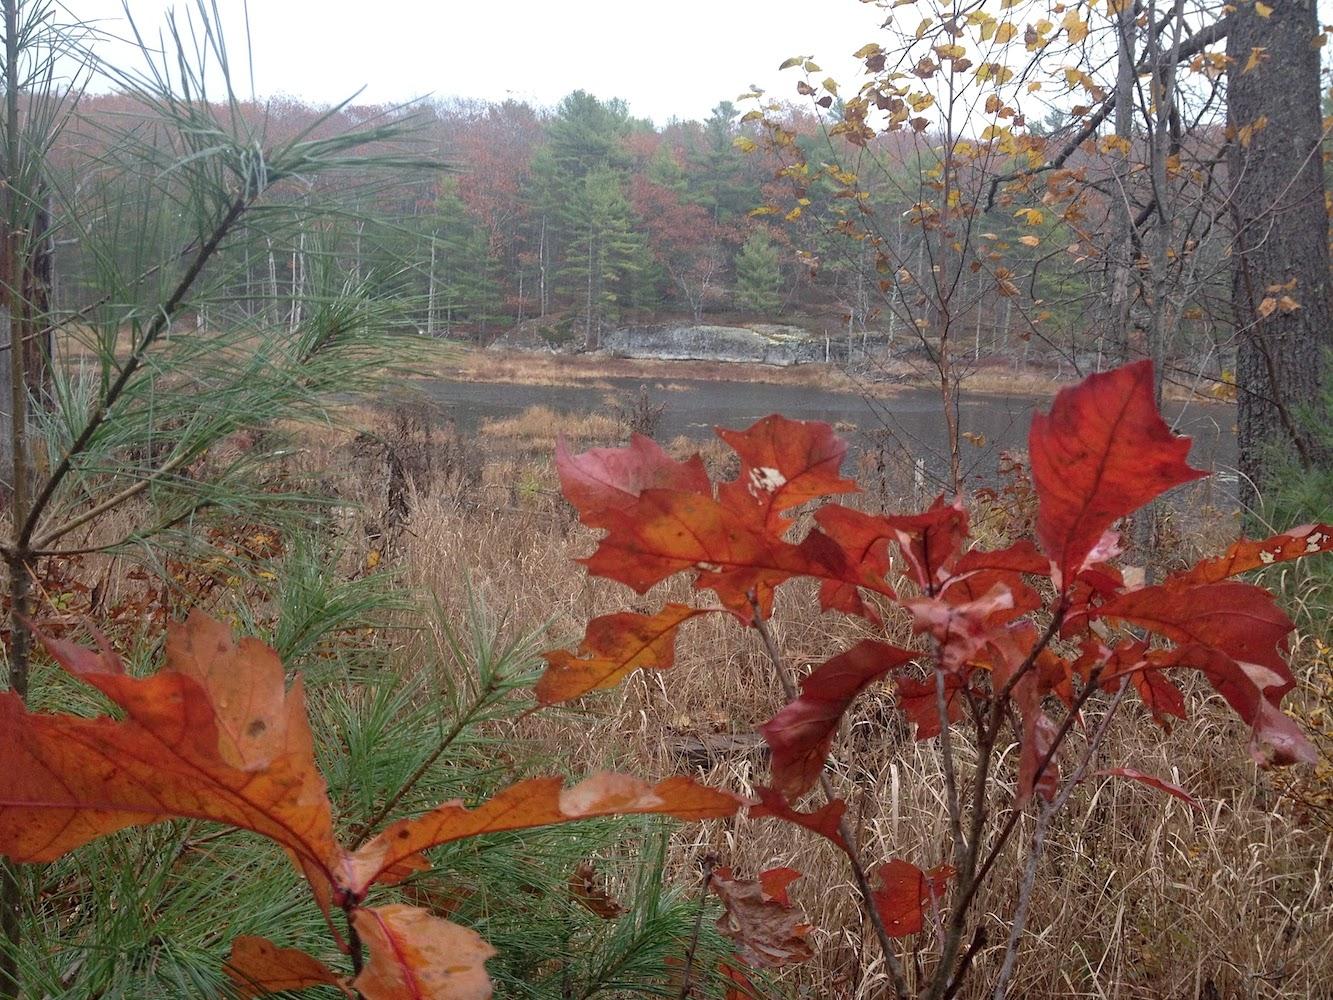 centerpond-red-leaf